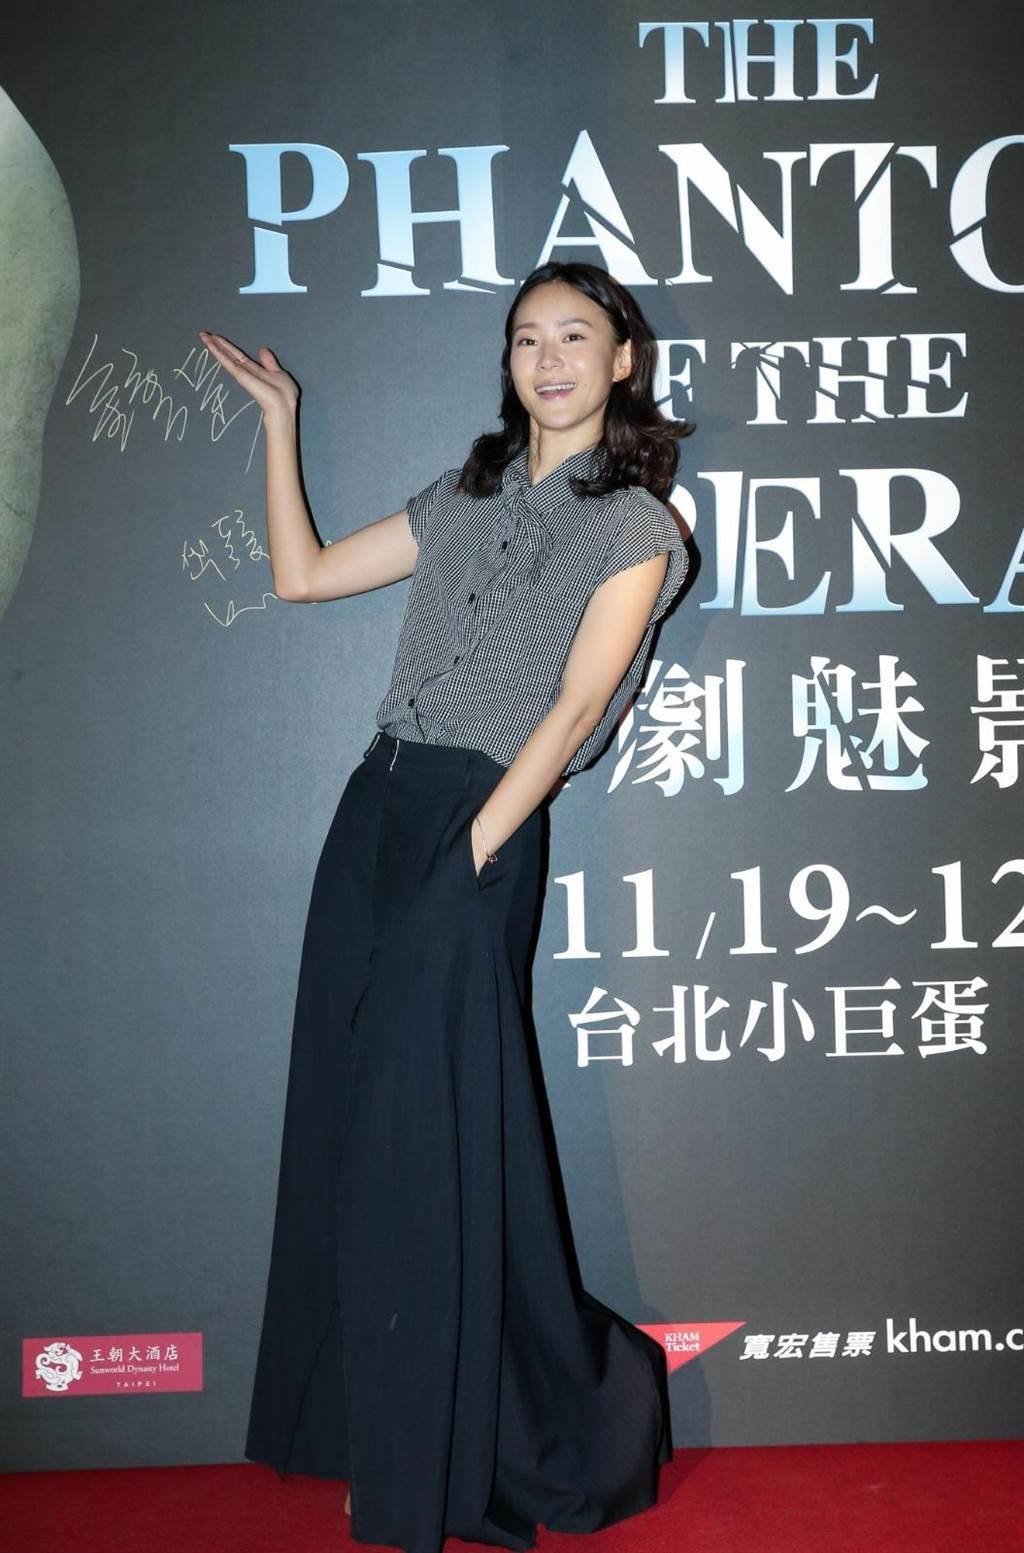 锺瑶开心欣赏到场演出。(卢祎祺摄)